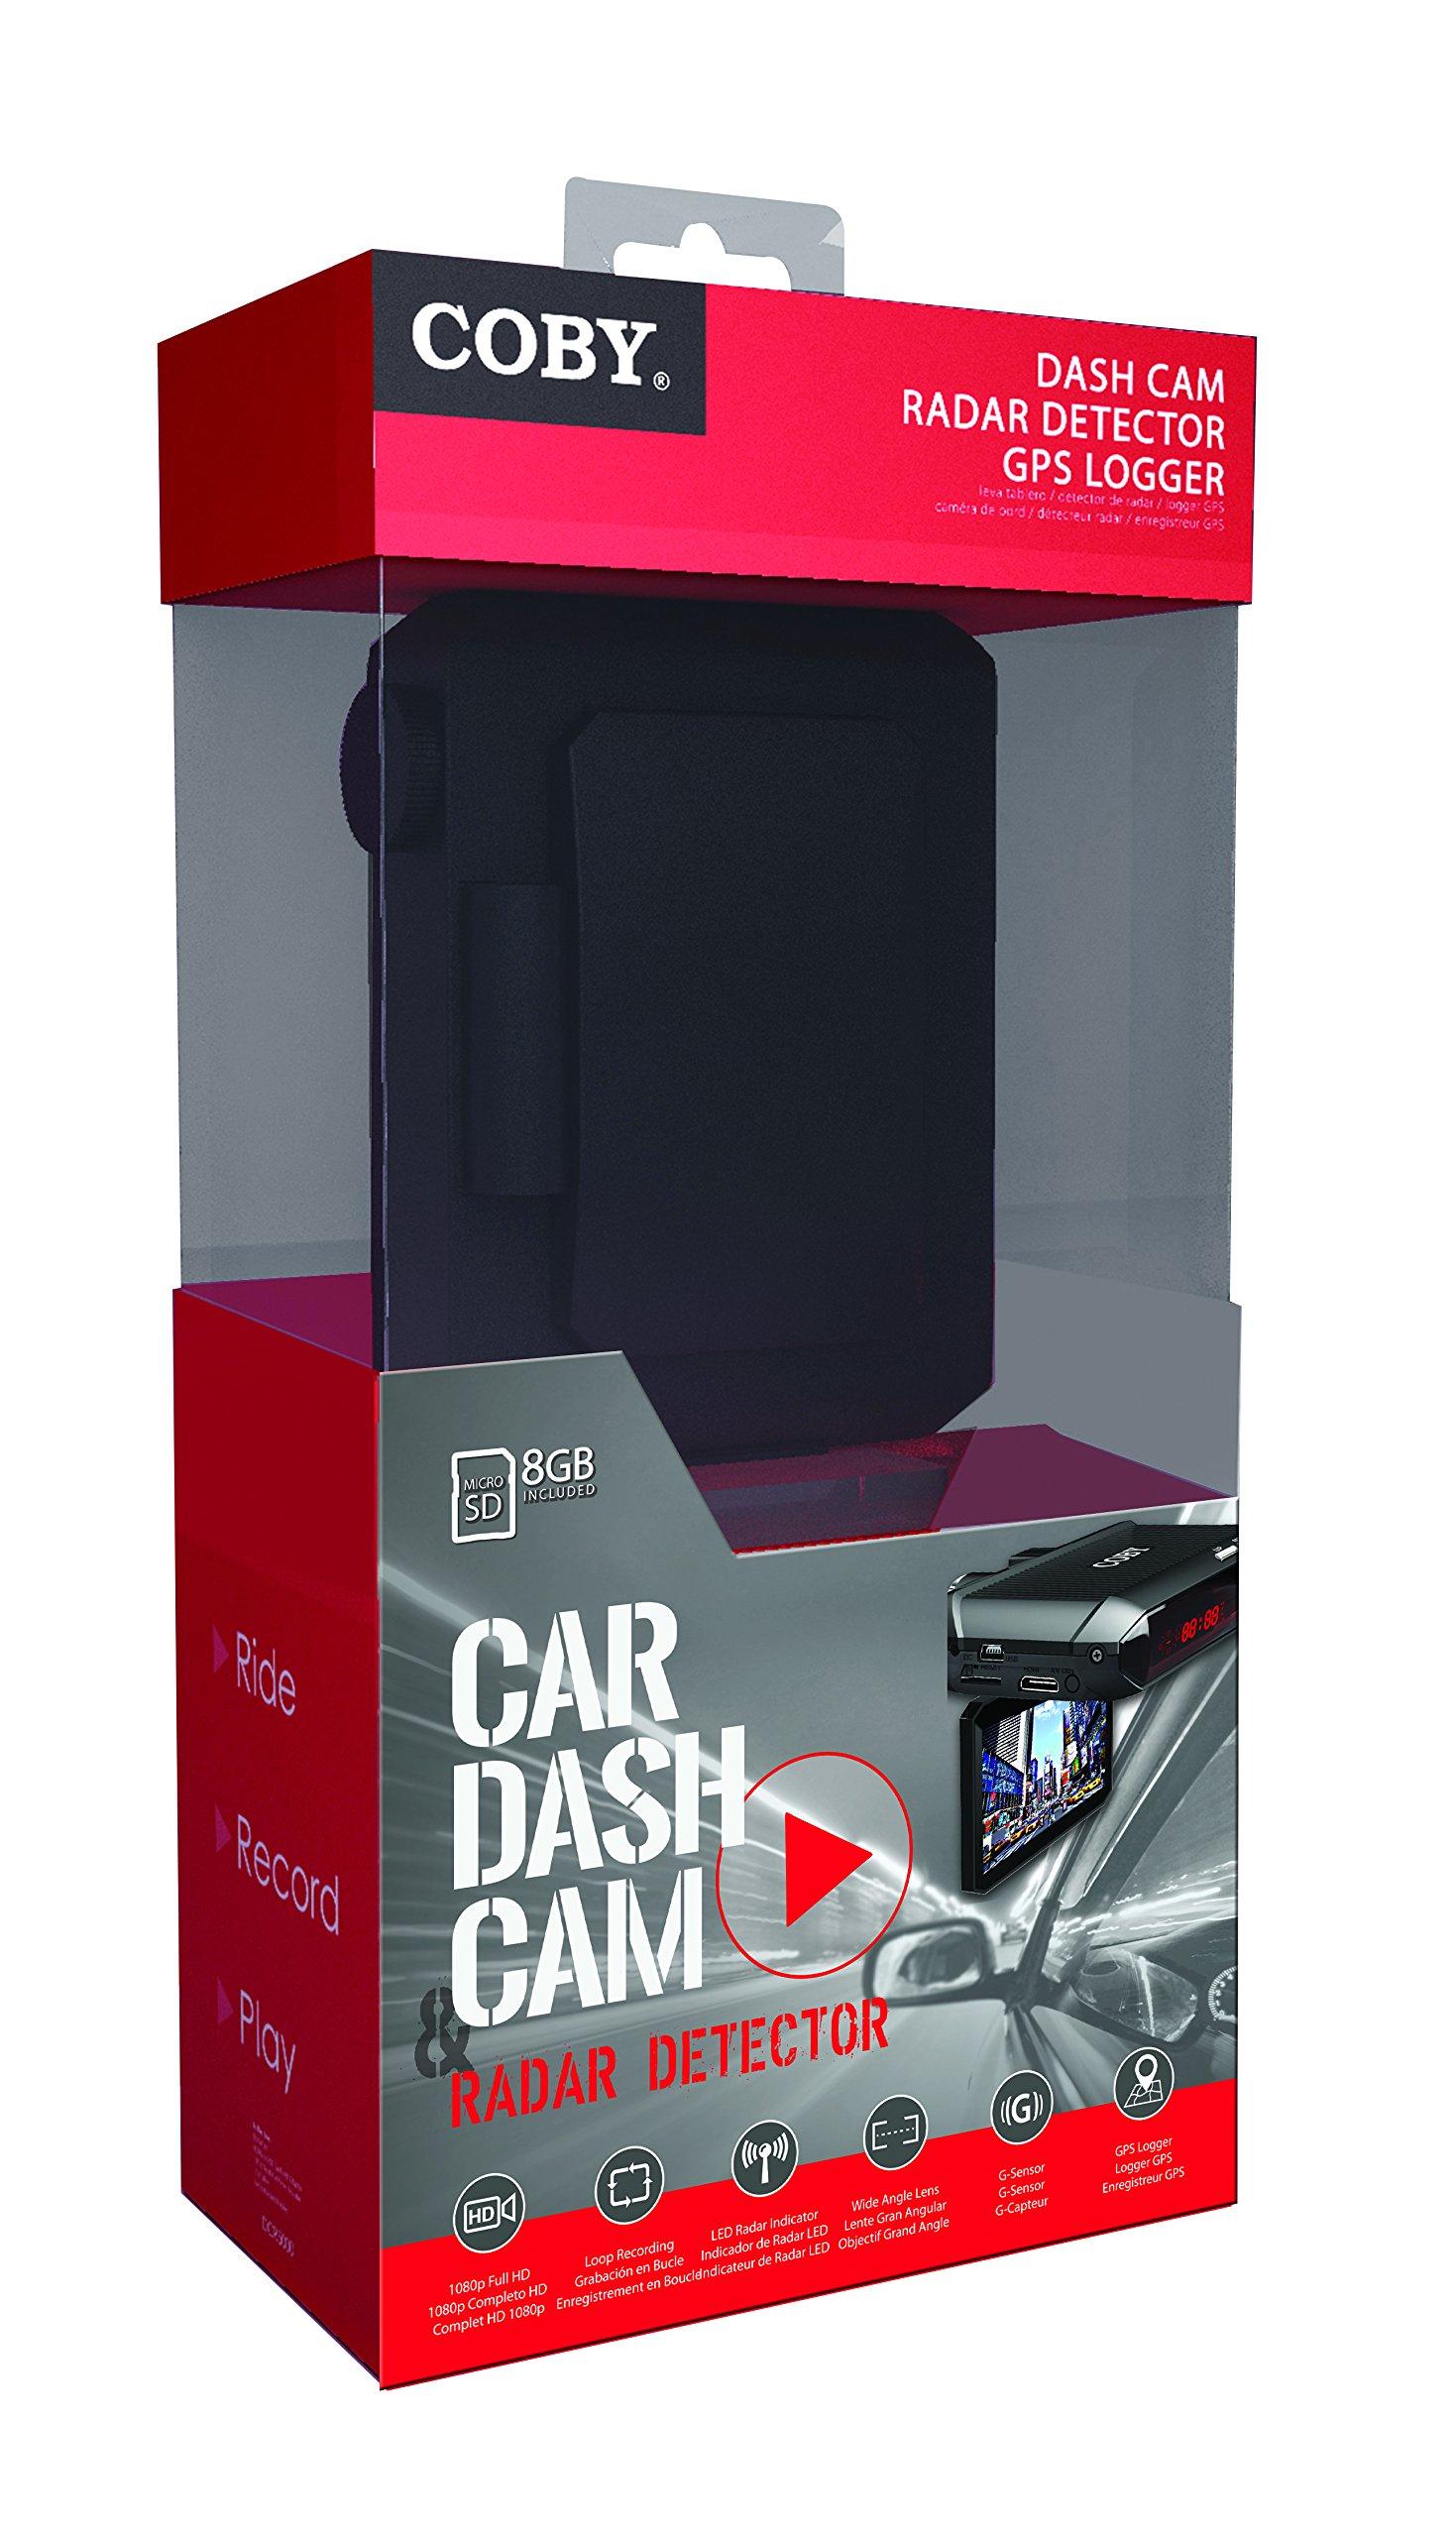 Coby DCR5000 Car Dash Cam with Radar, DVR and GPS Logger